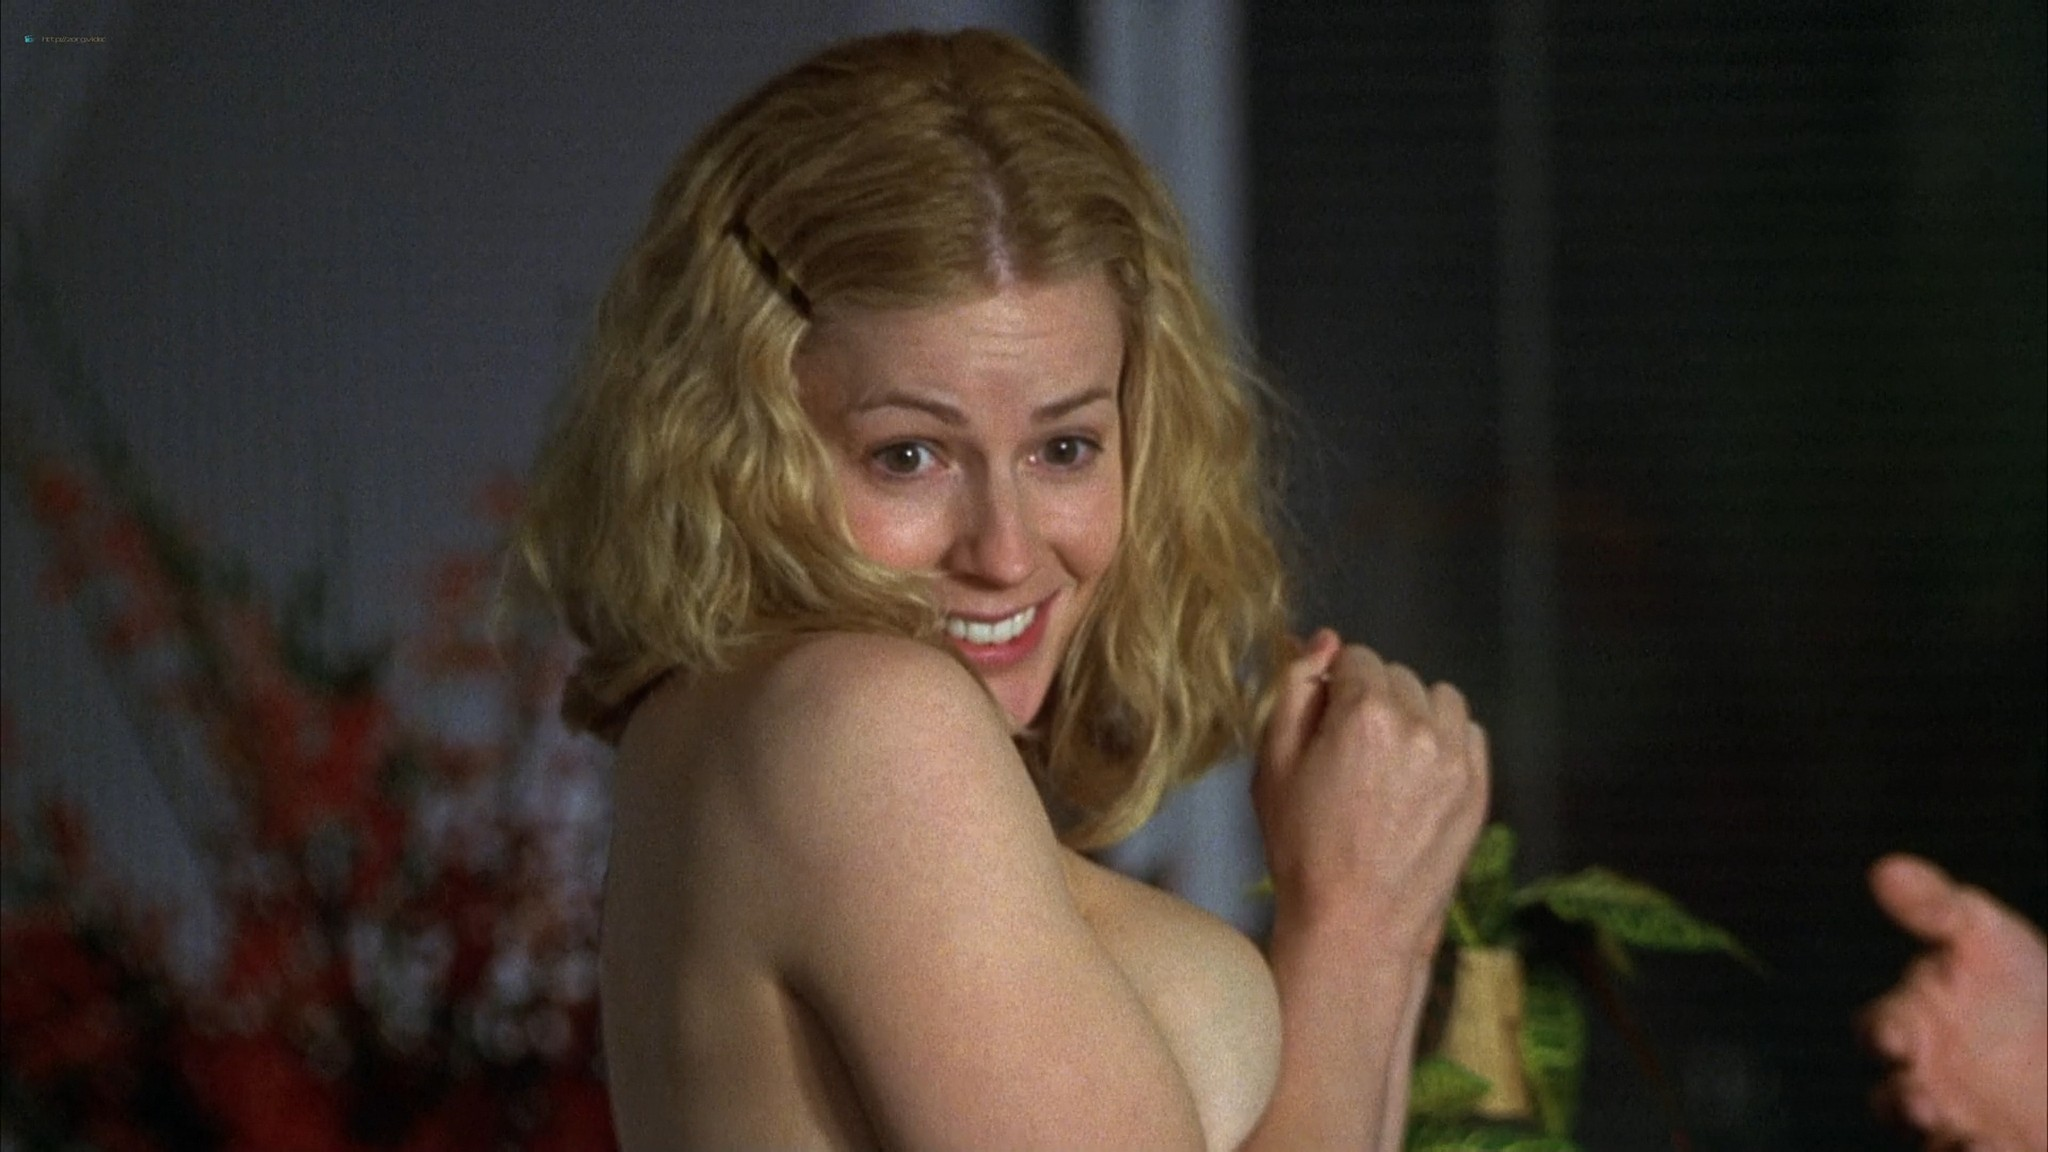 Elisabeth shue nude in hollow man hd